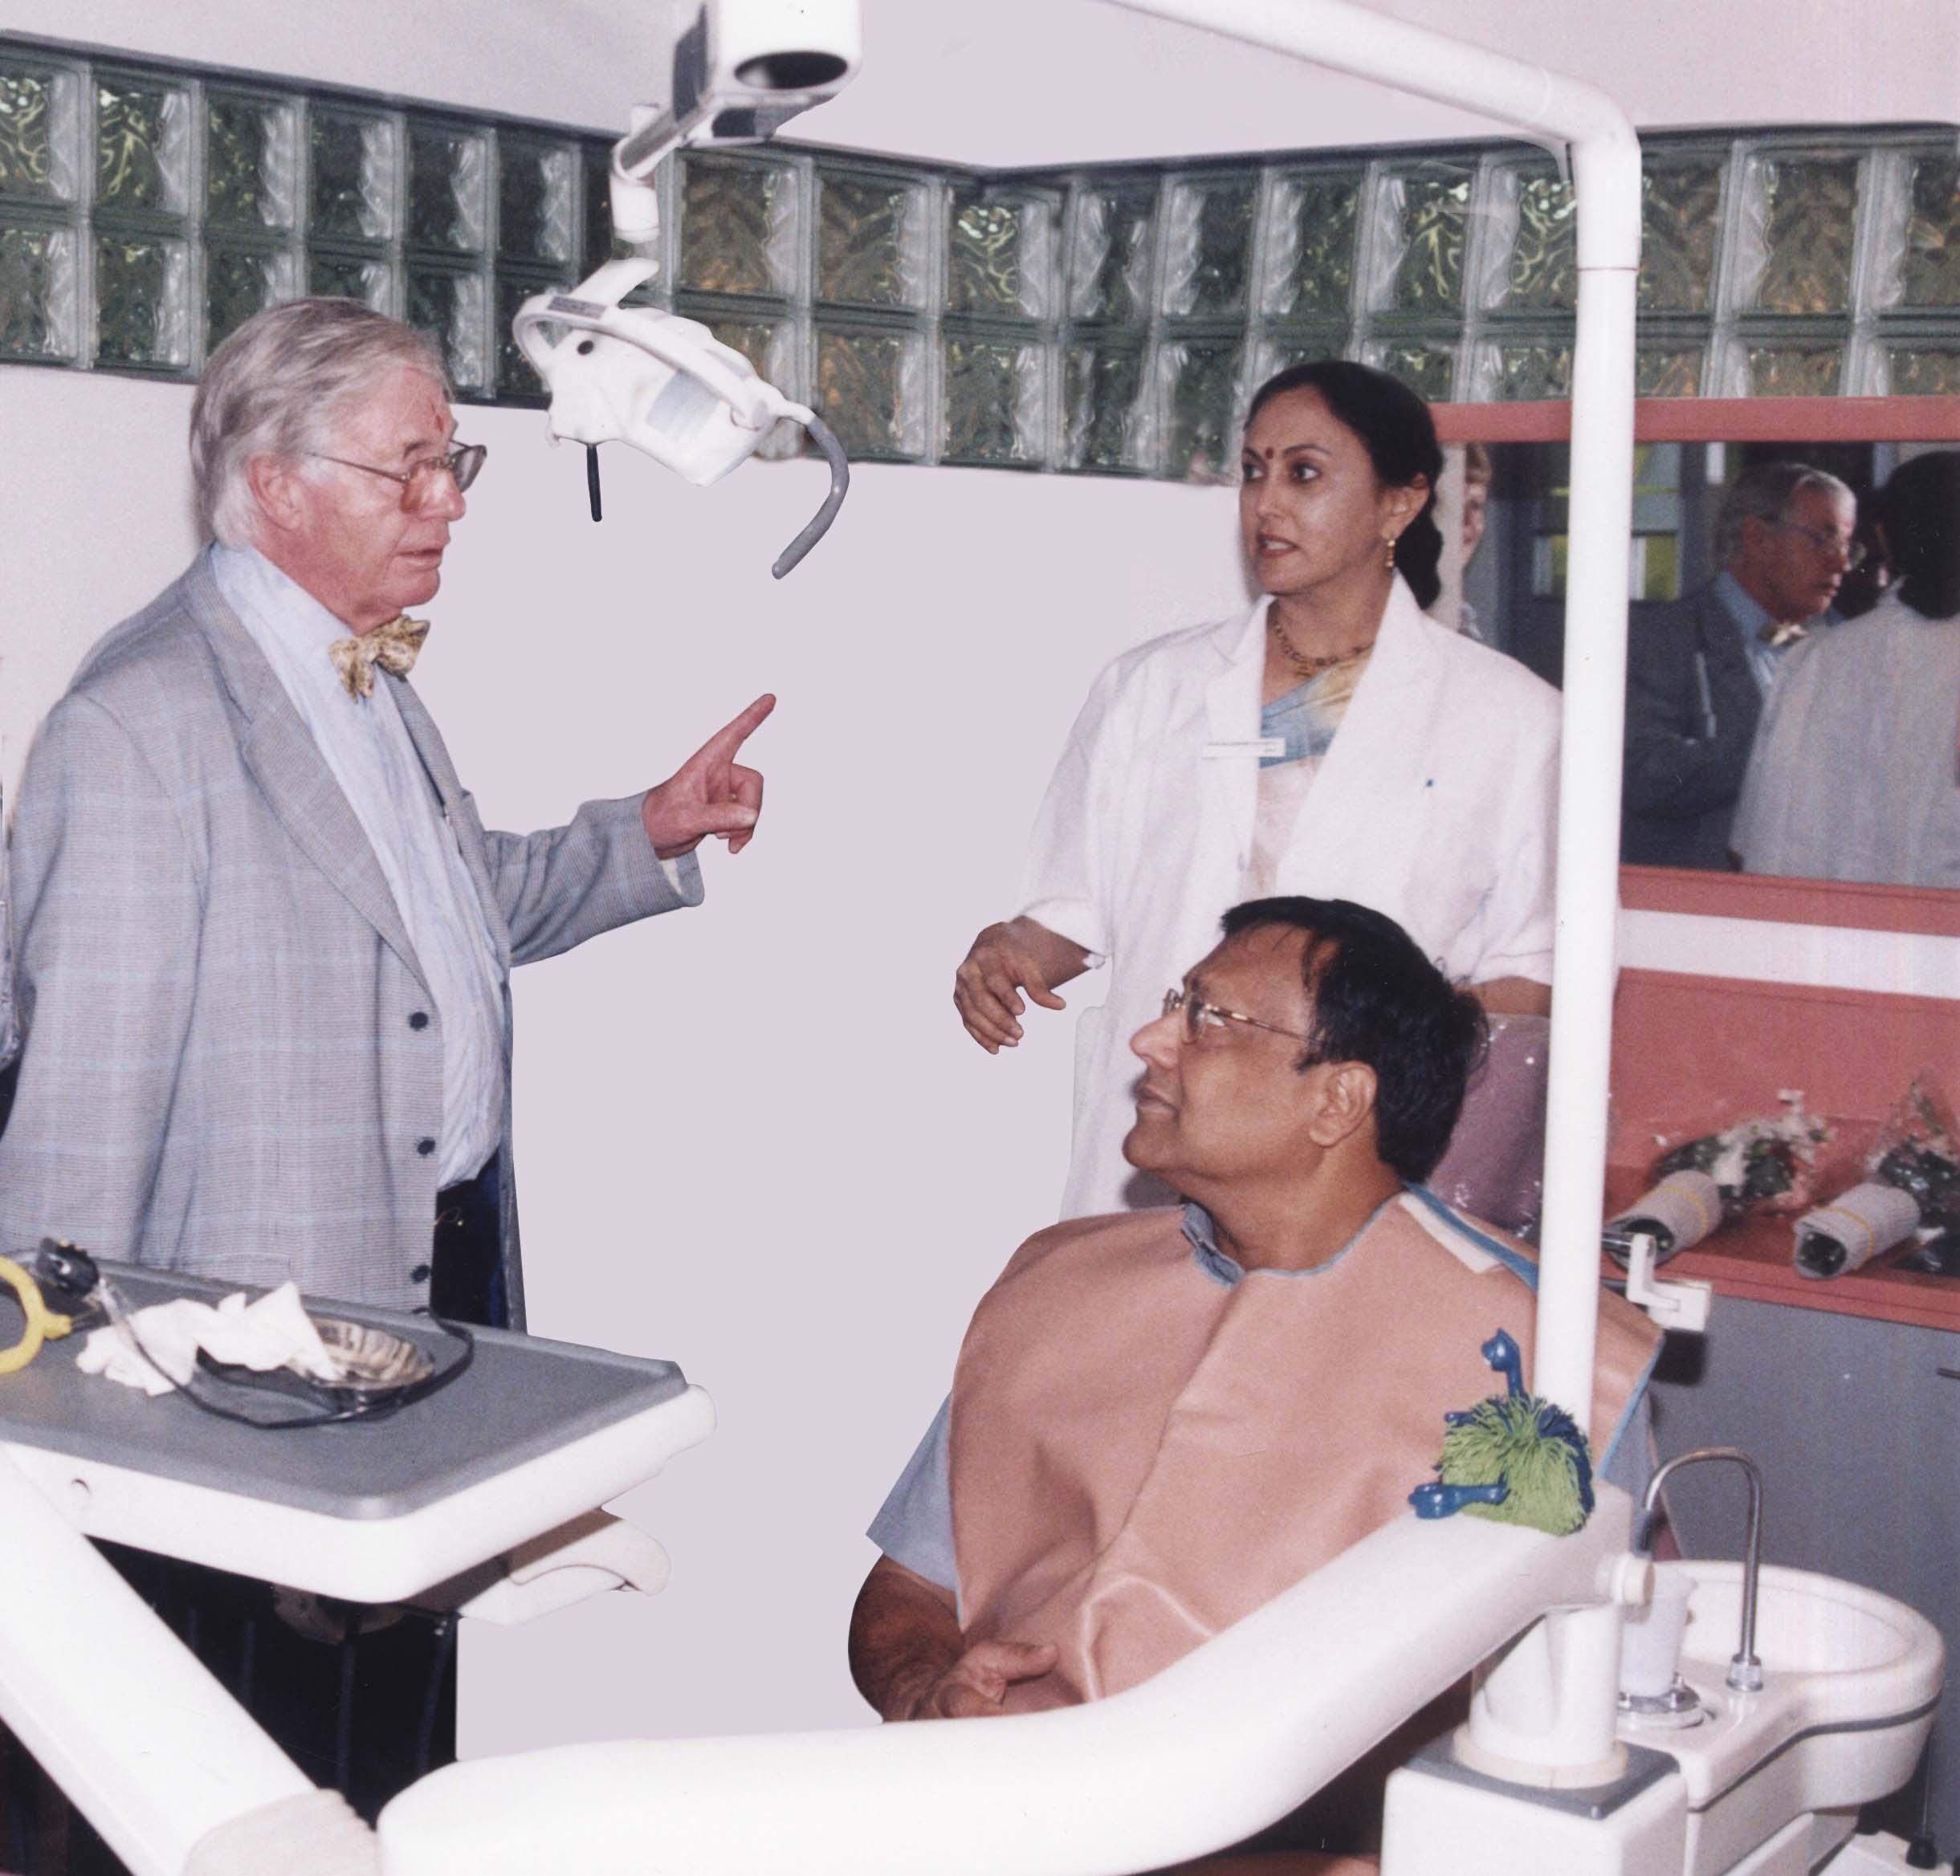 Dr. Per-Ingvar Branemark, the pioneer of implant dentistry, visits Acharya Dental in the year 2002